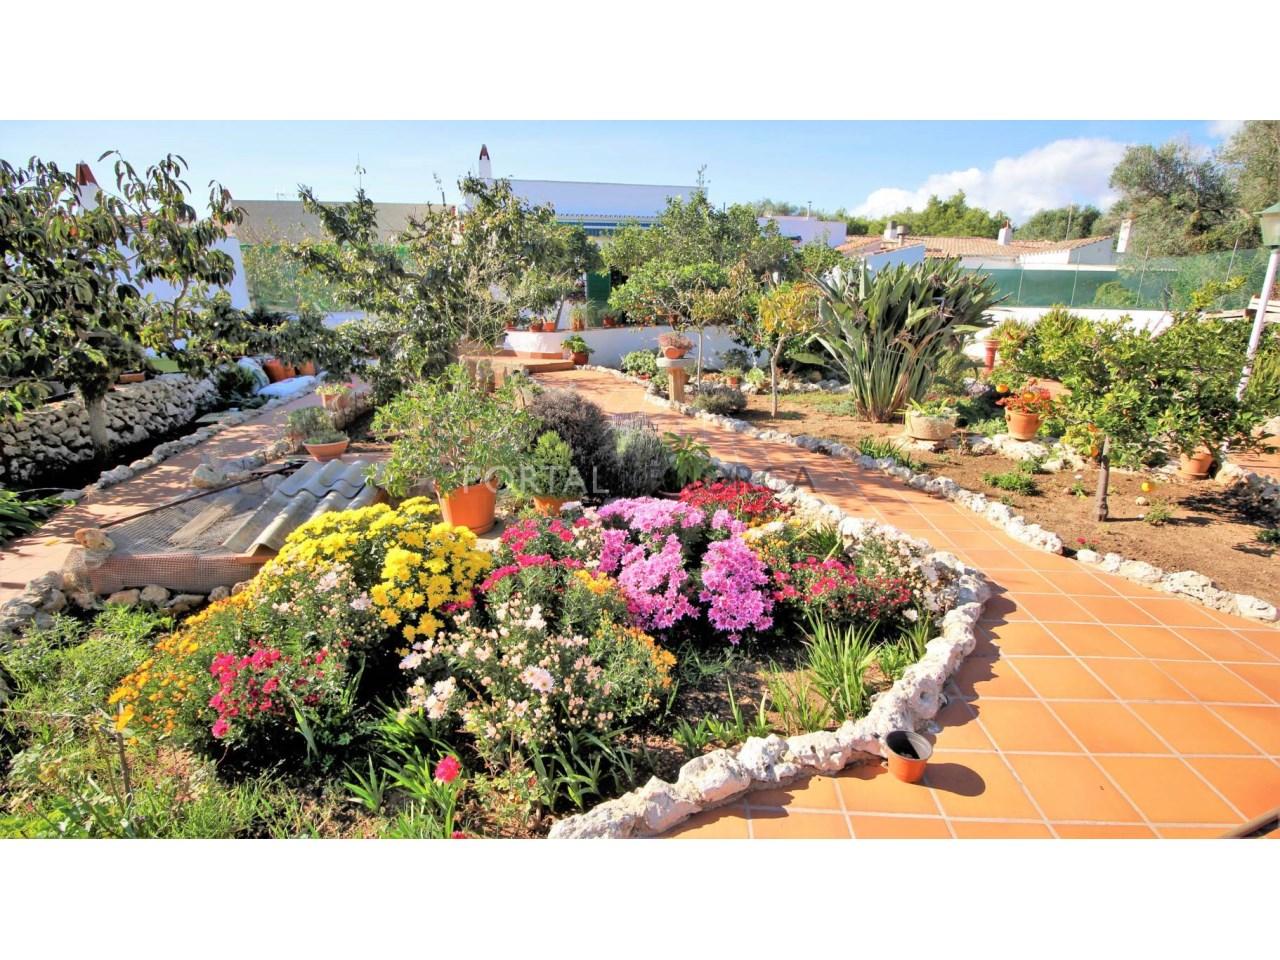 Casa en planta baja con gran jardín y piscina en venta en Trepucó